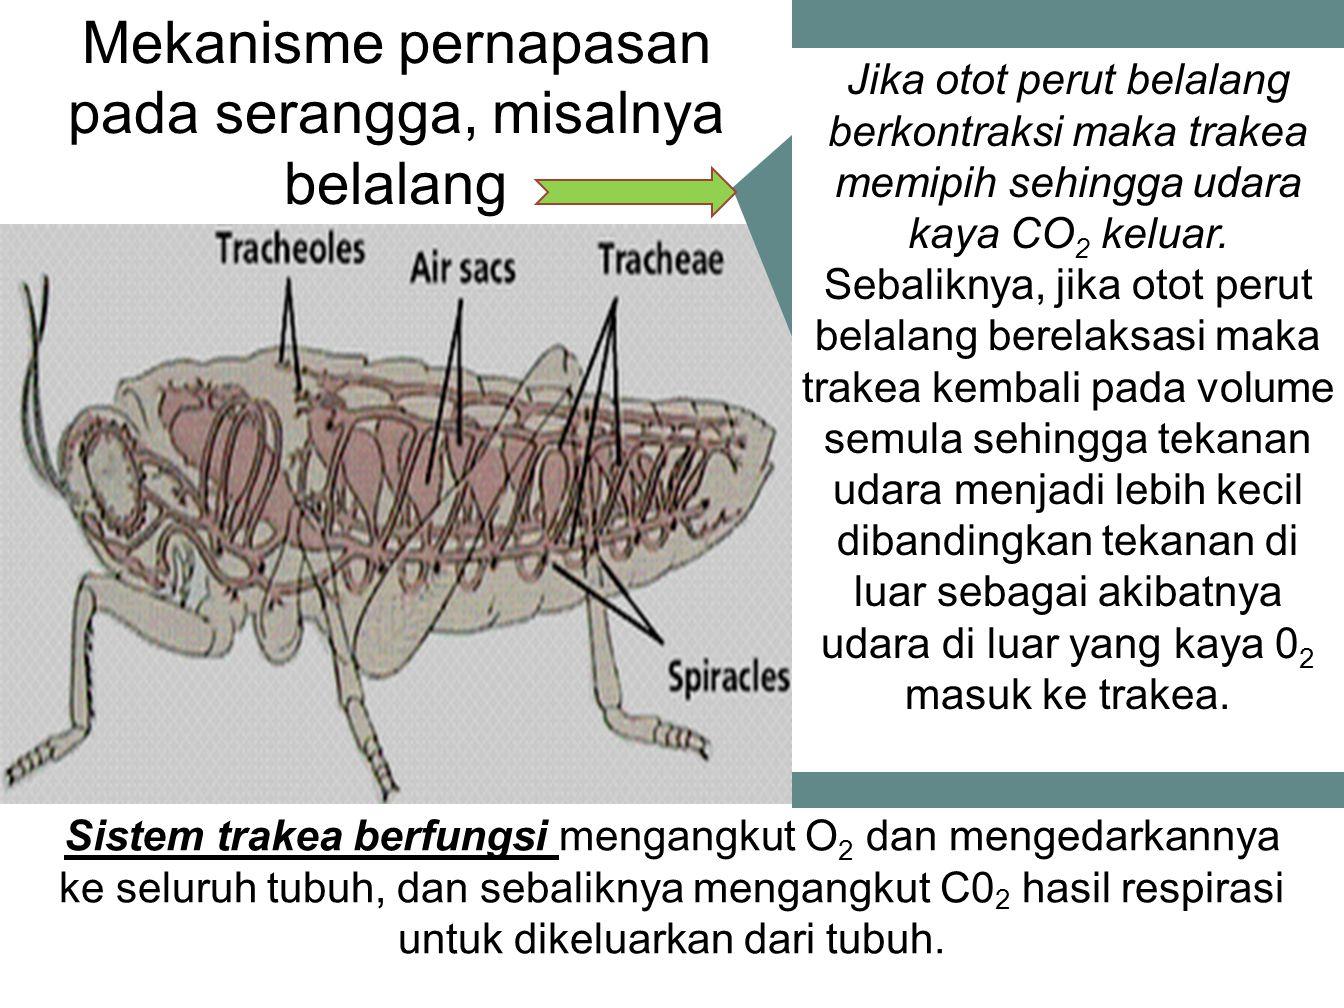 Mekanisme pernapasan pada serangga, misalnya belalang Sistem trakea berfungsi mengangkut O 2 dan mengedarkannya ke seluruh tubuh, dan sebaliknya mengangkut C0 2 hasil respirasi untuk dikeluarkan dari tubuh.